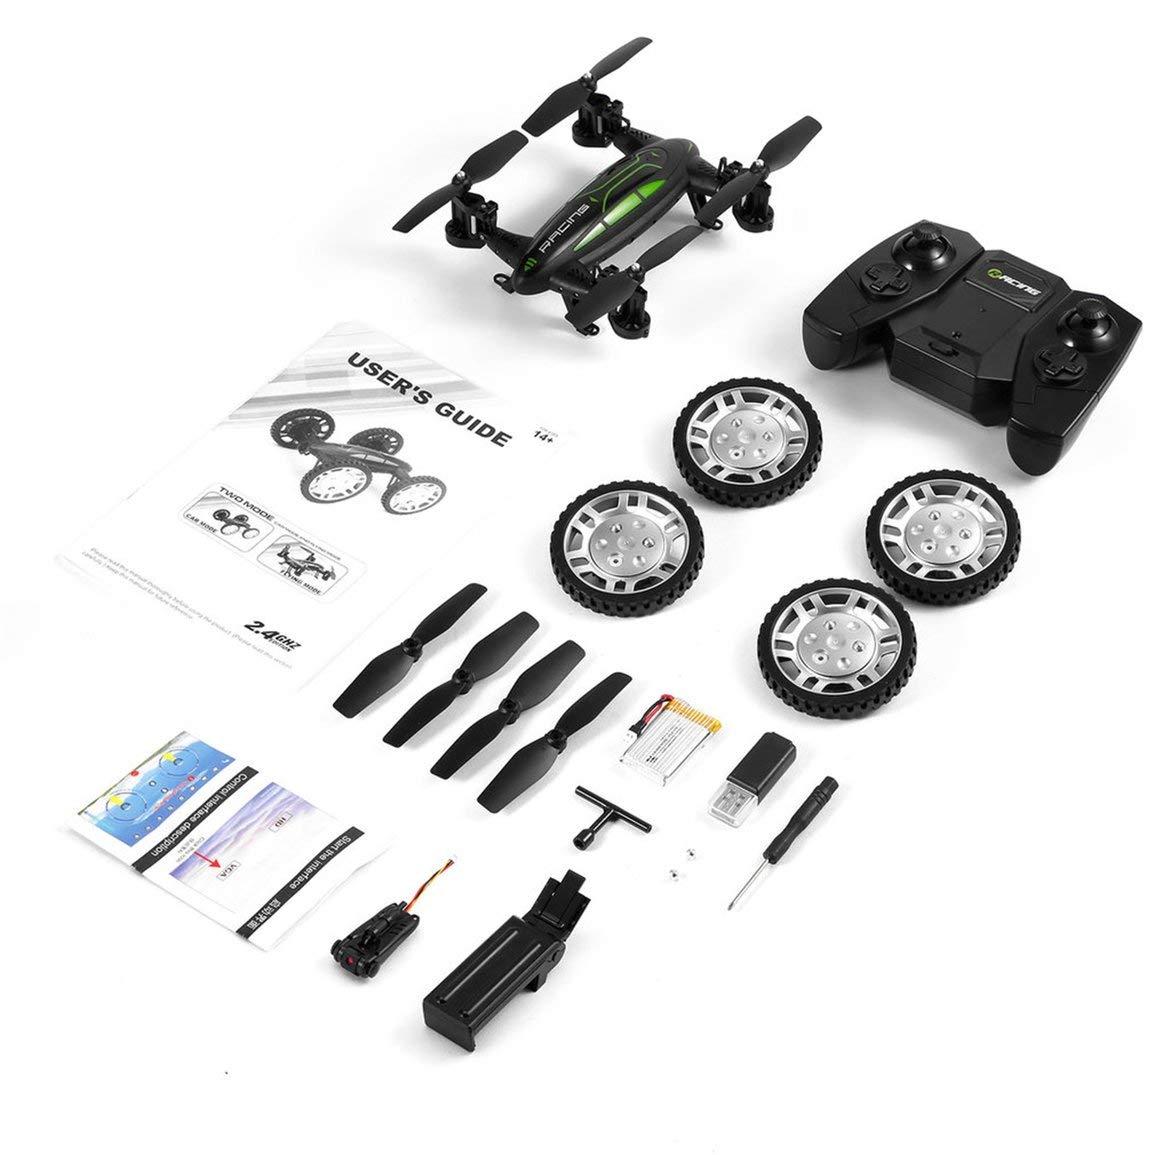 Felices compras Fantasyworld Aire Carretera Modelo Doble FY602 Flying Coche Coche Coche con la cámara HD 2.4G RC Quadcopter Drone 6-Axis 4 Canales helicóptero Run Lados Dobles  tienda en linea